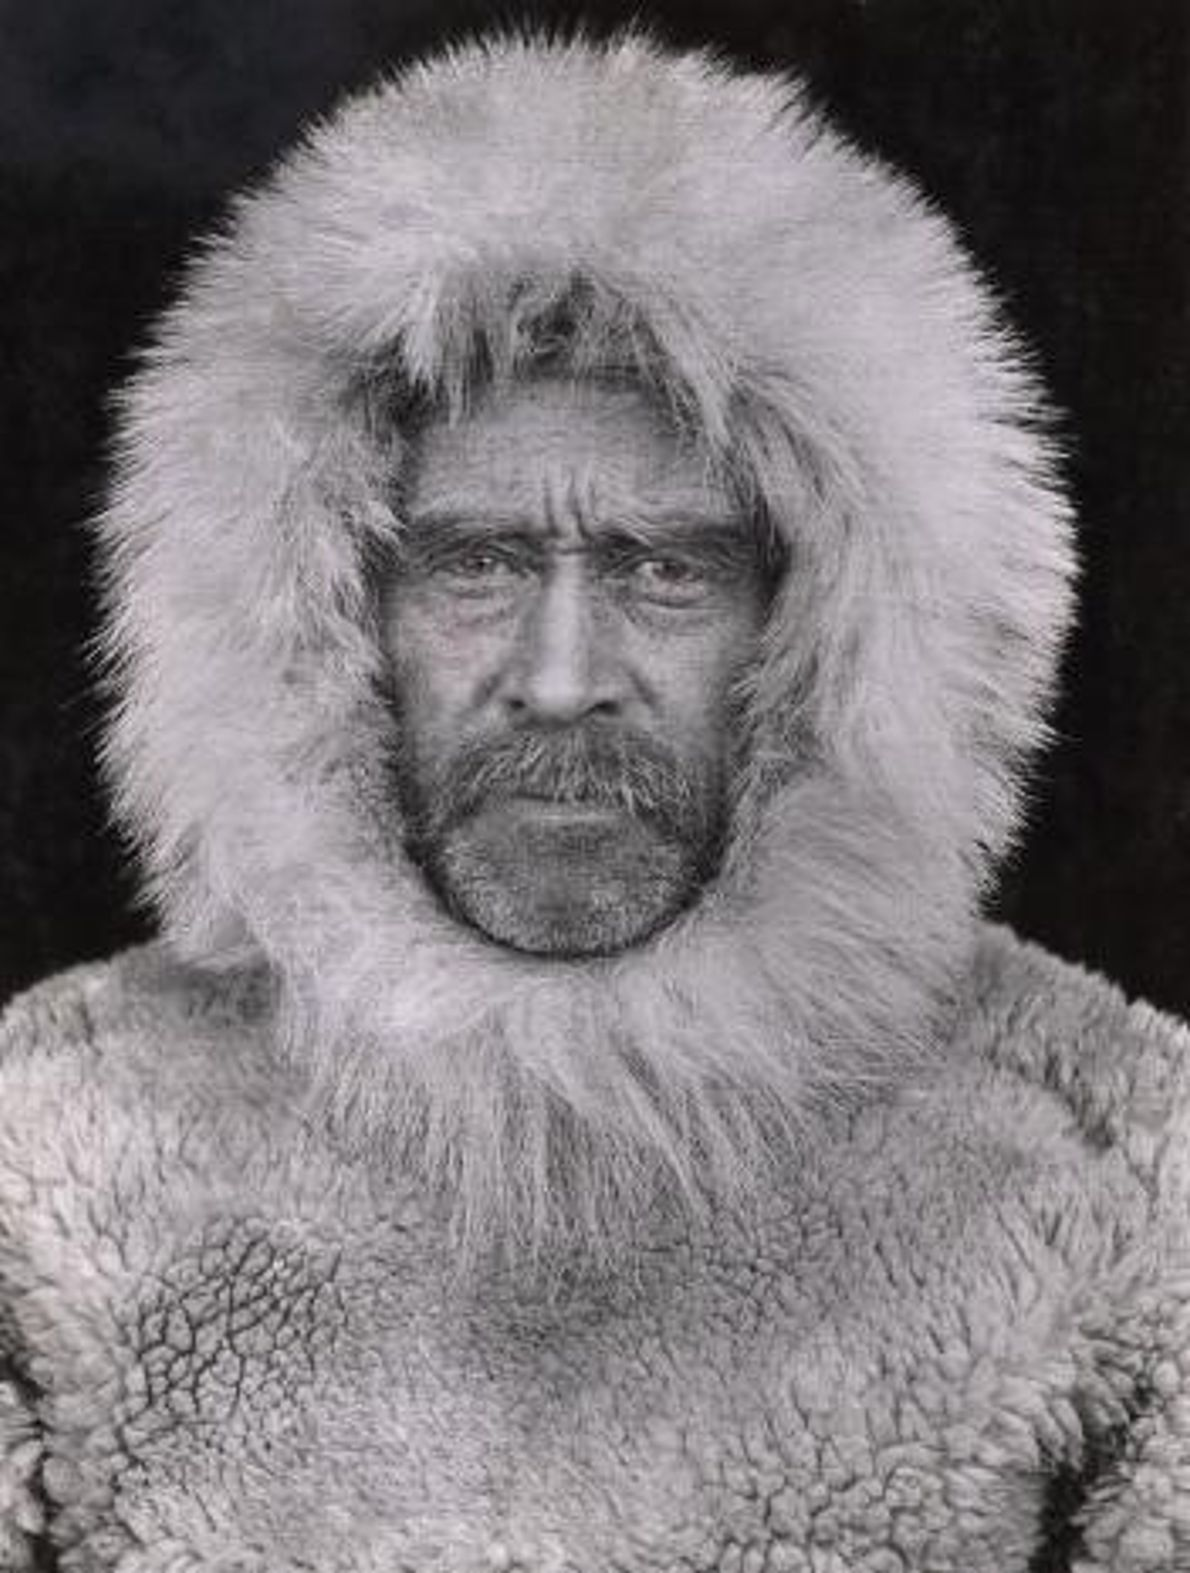 Robert E. Peary est connu comme étant la première personne à avoir mené une expédition au ...